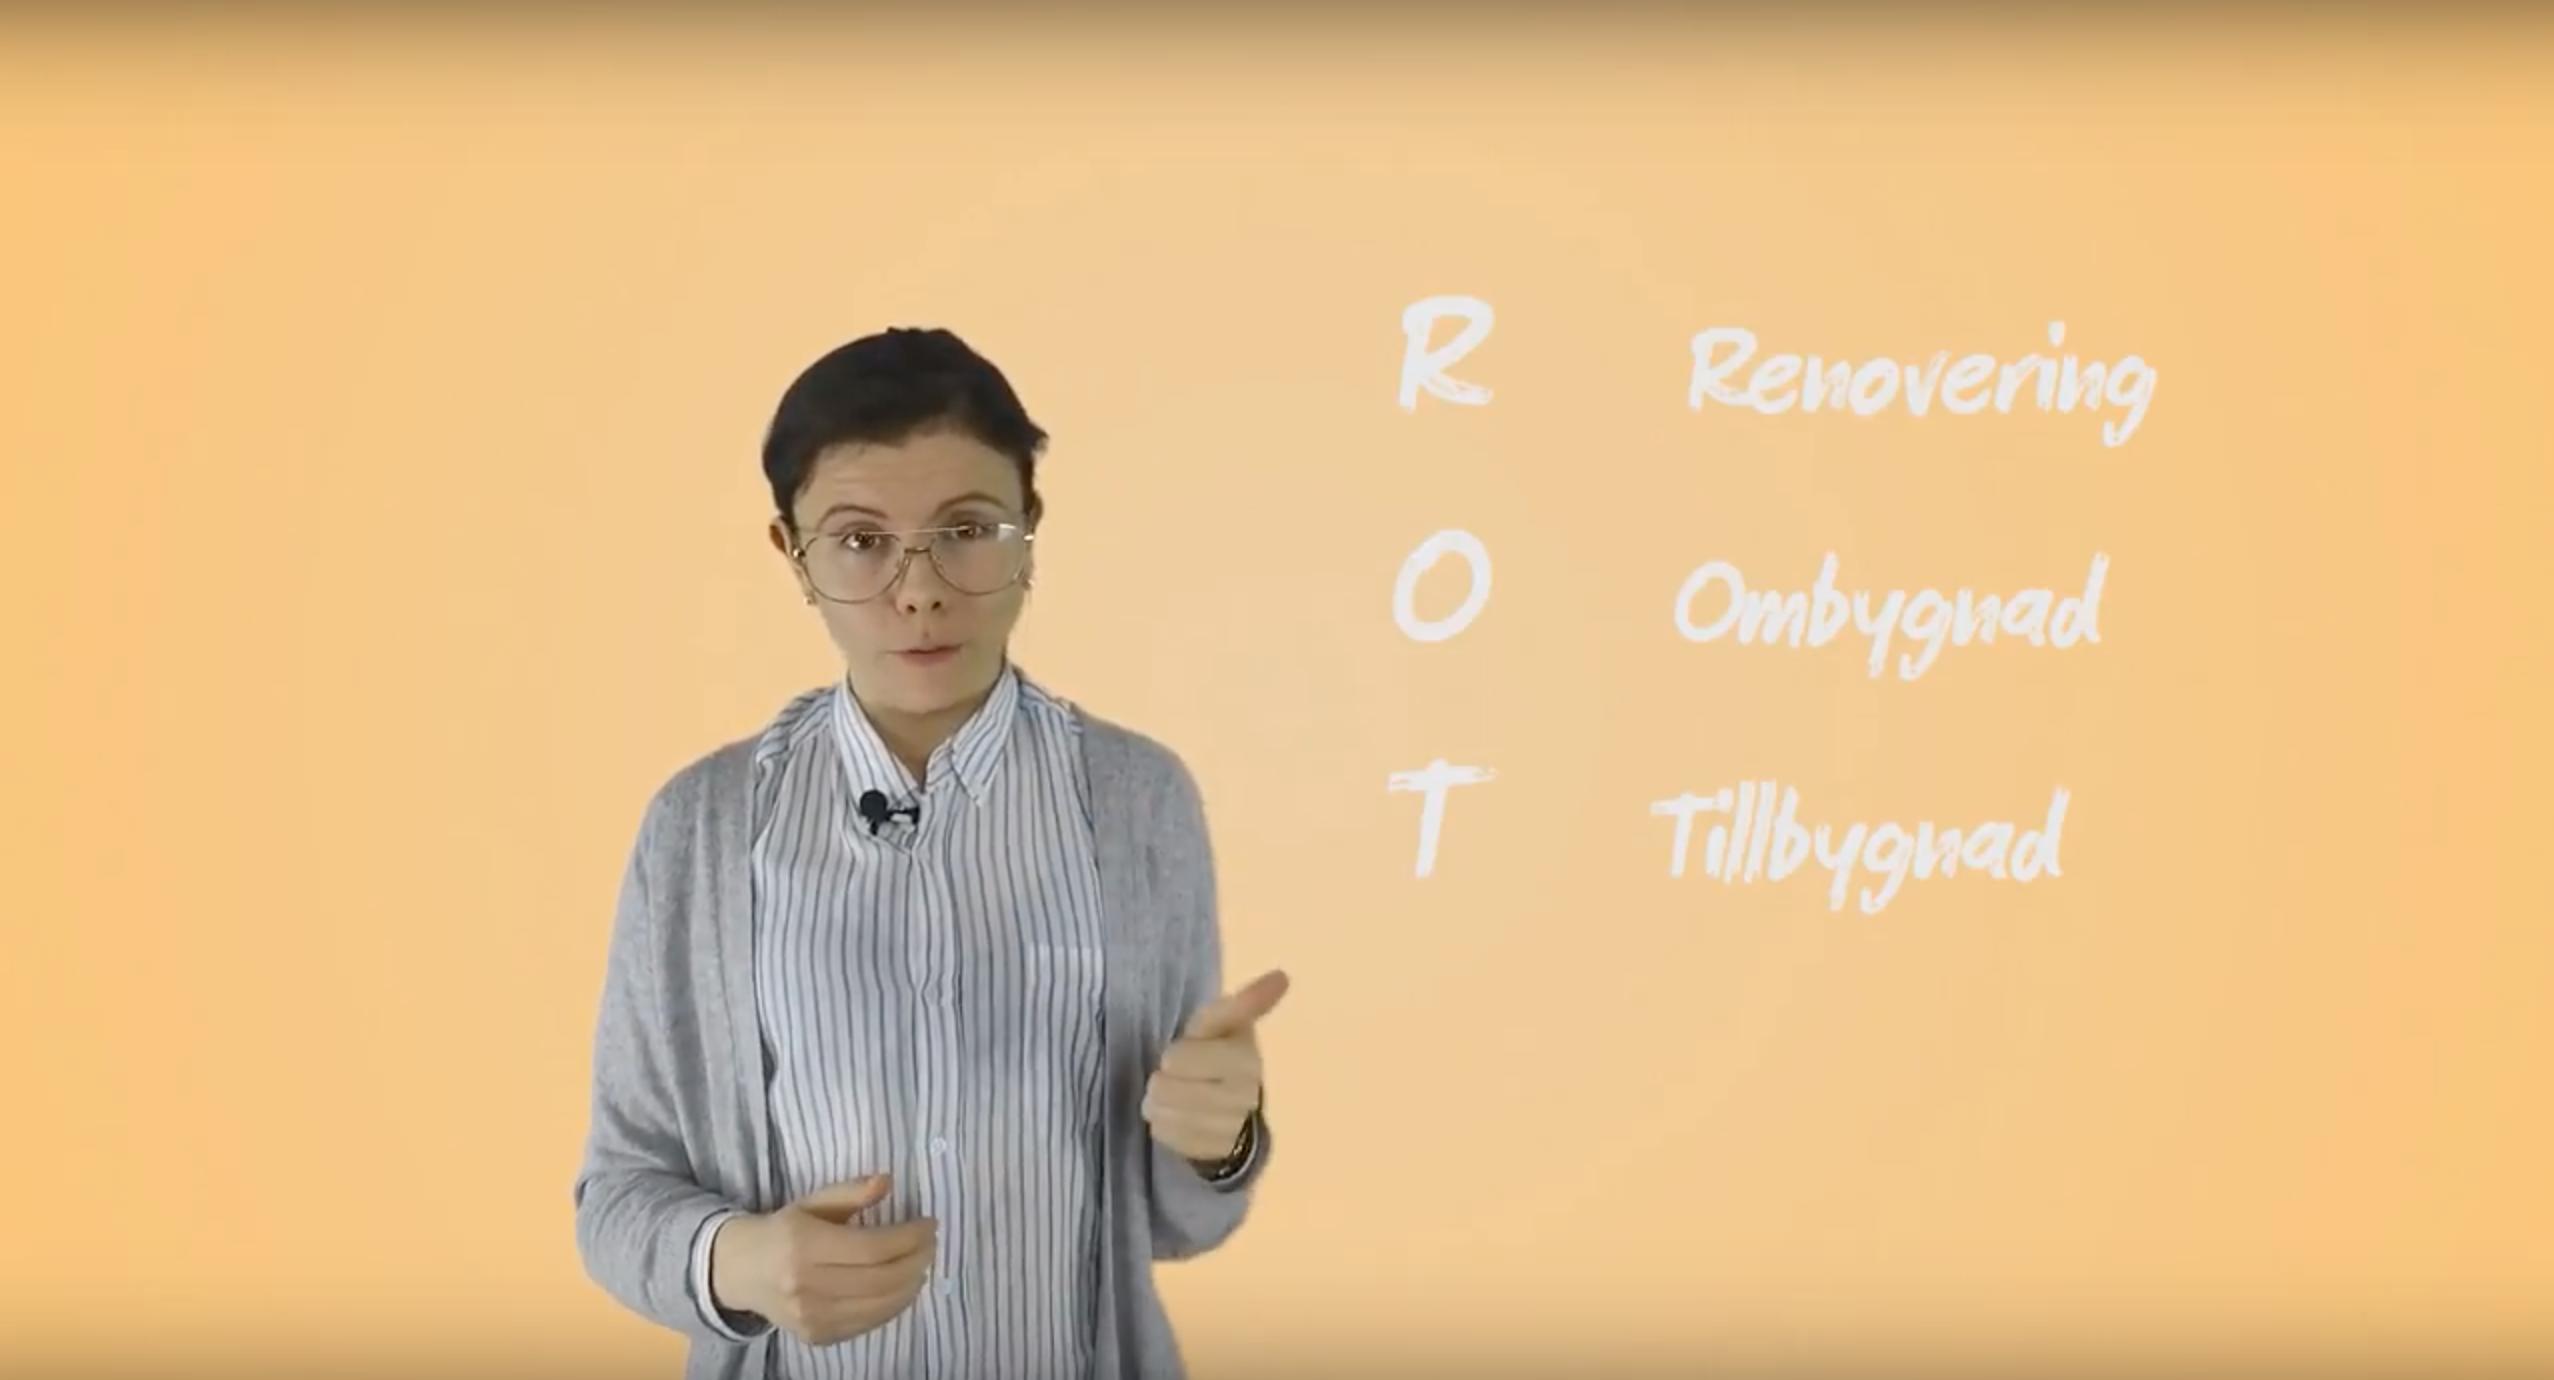 ROT och RUT, vad innebär avdragen?